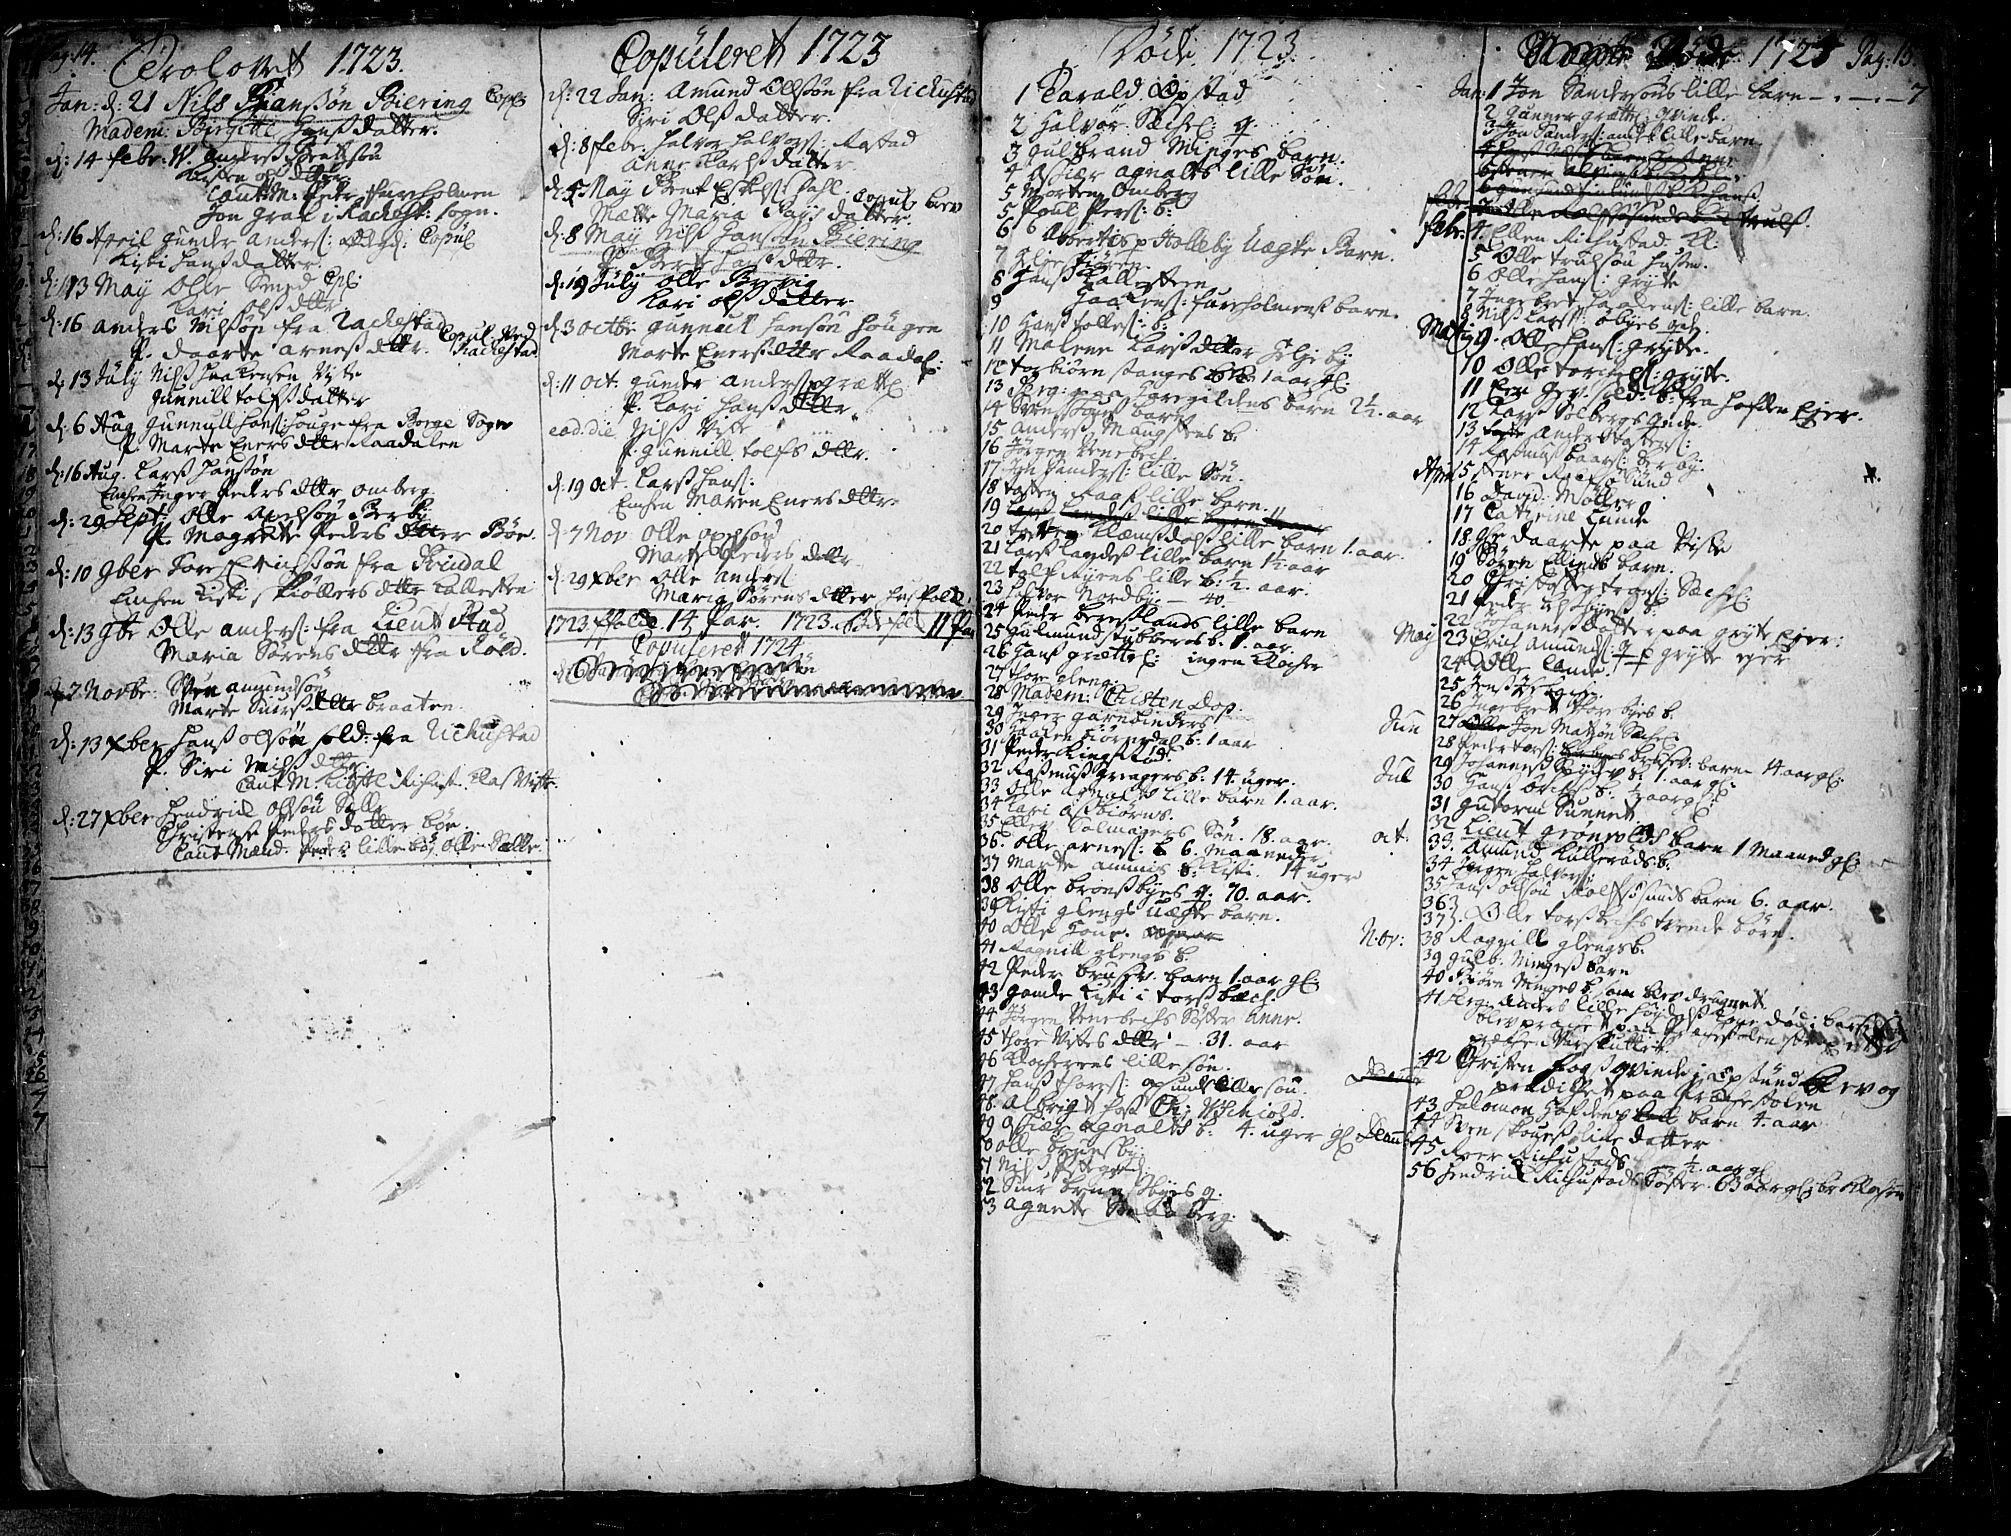 SAO, Tune prestekontor Kirkebøker, F/Fa/L0001: Ministerialbok nr. 1, 1720-1758, s. 14-15